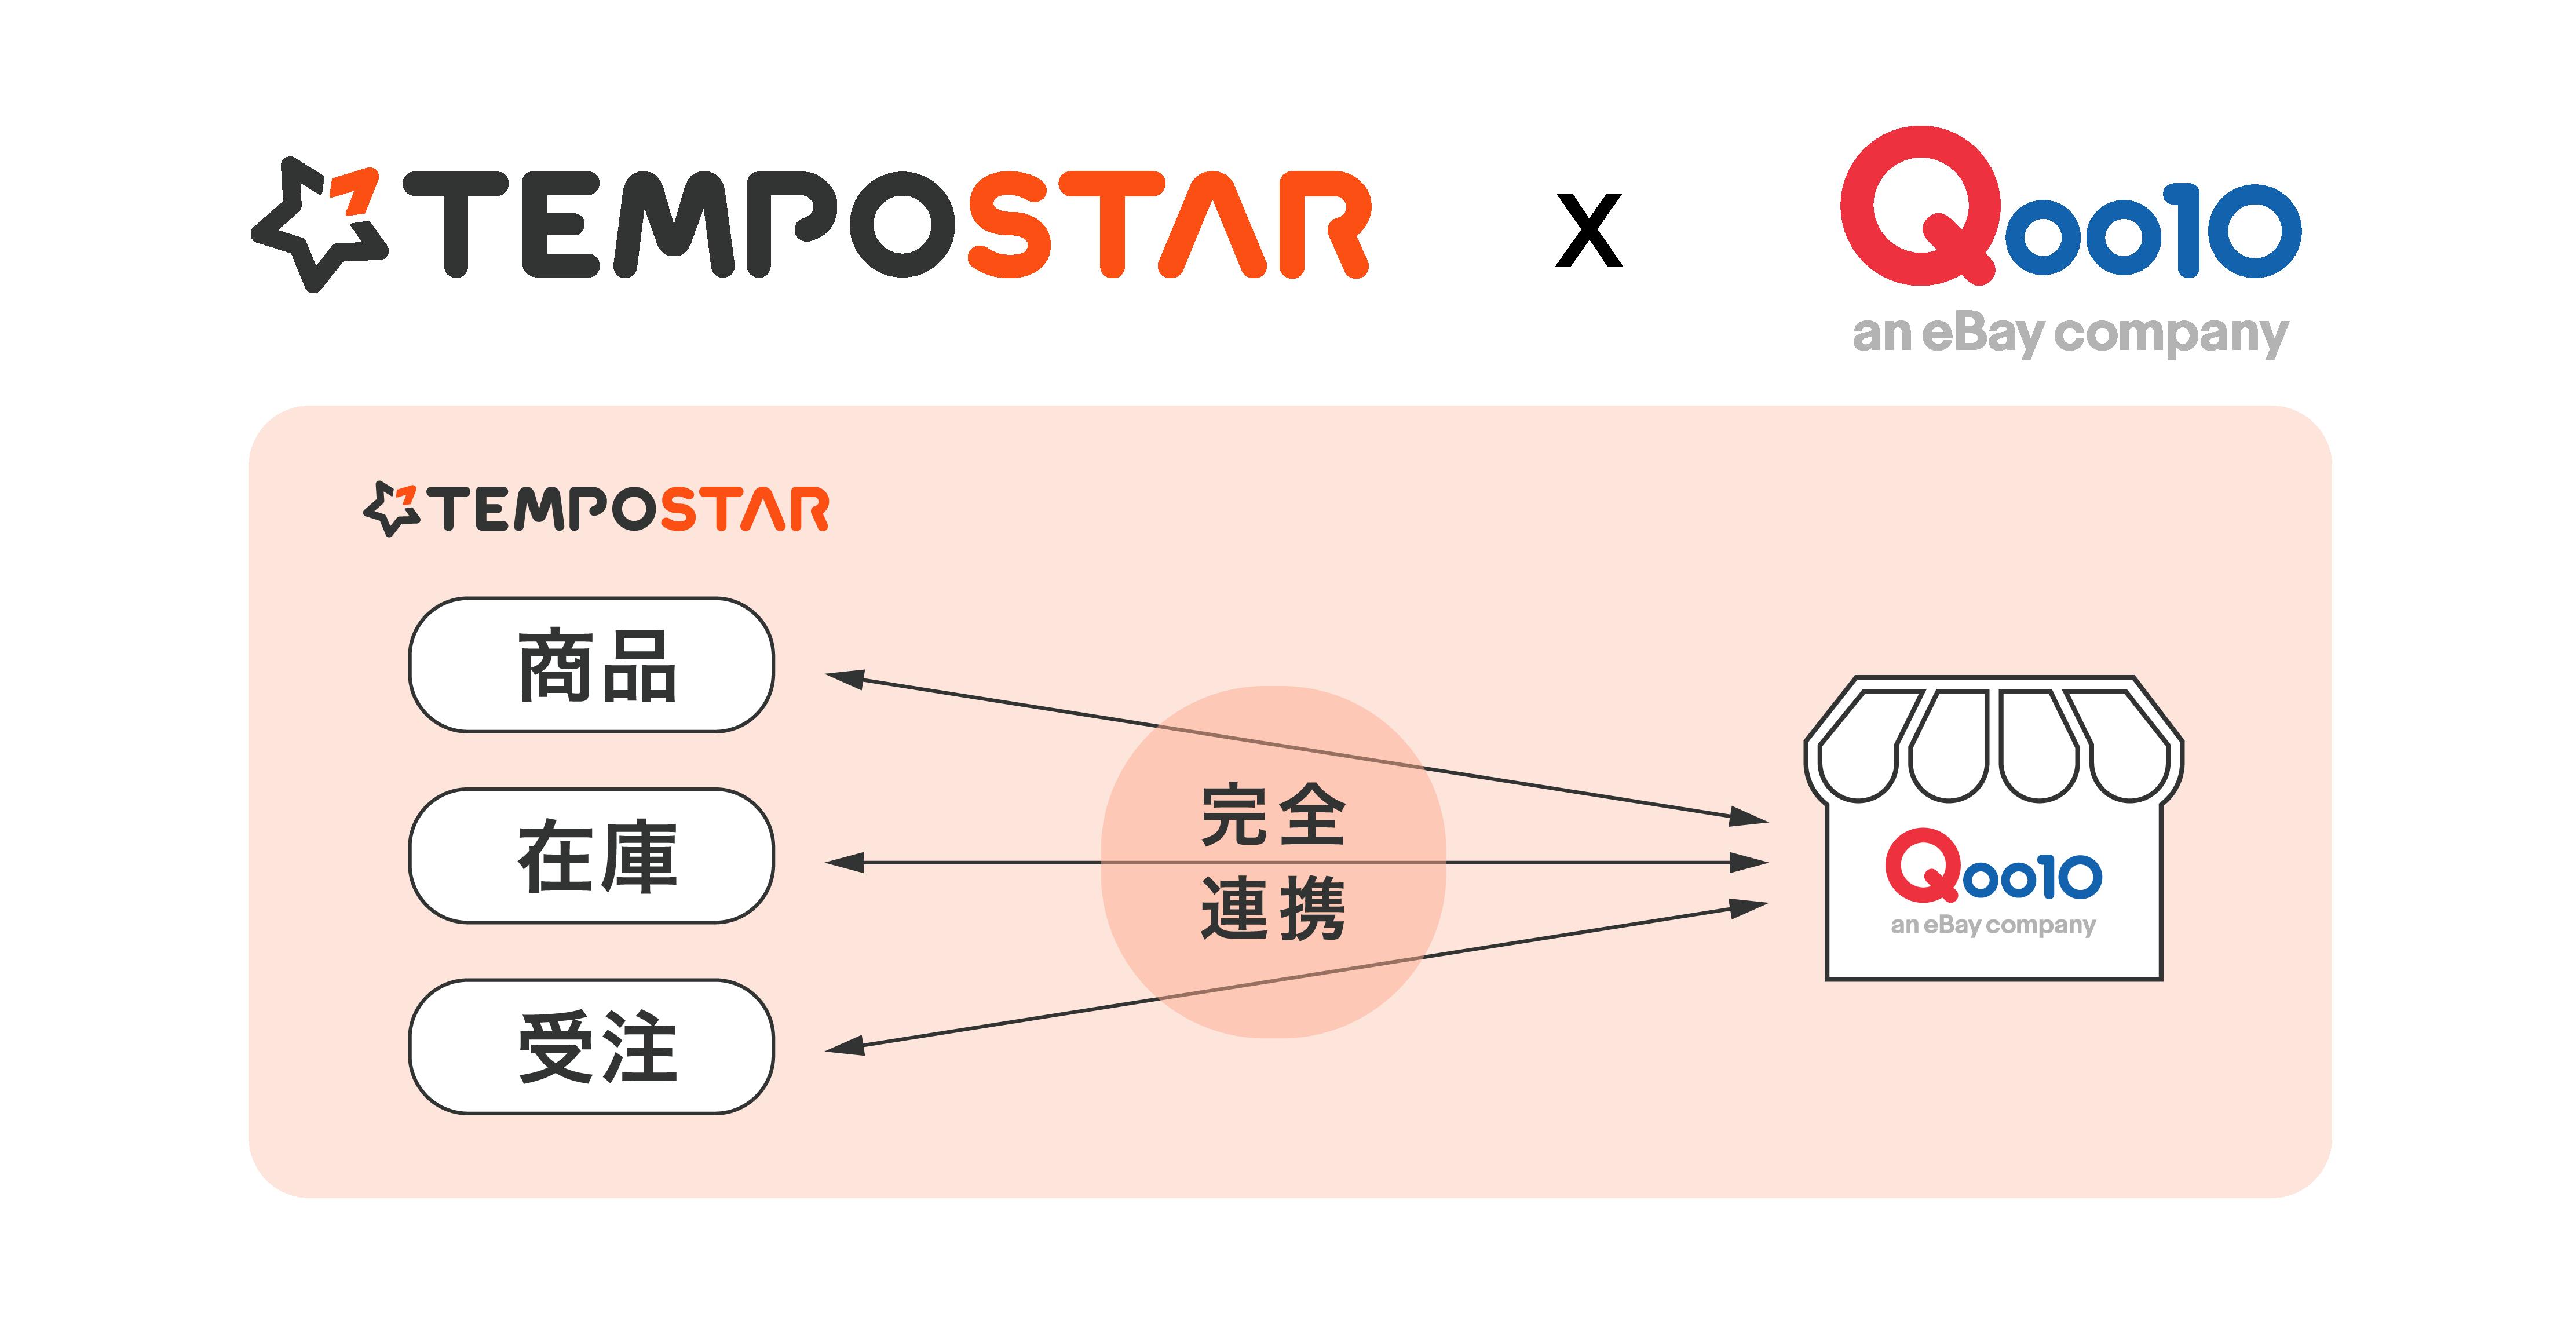 複数ネットショップ一元管理サービス「TEMPOSTAR」とインターネット総合ショッピングモールQoo10が商品・在庫・受注管理機能で完全連携